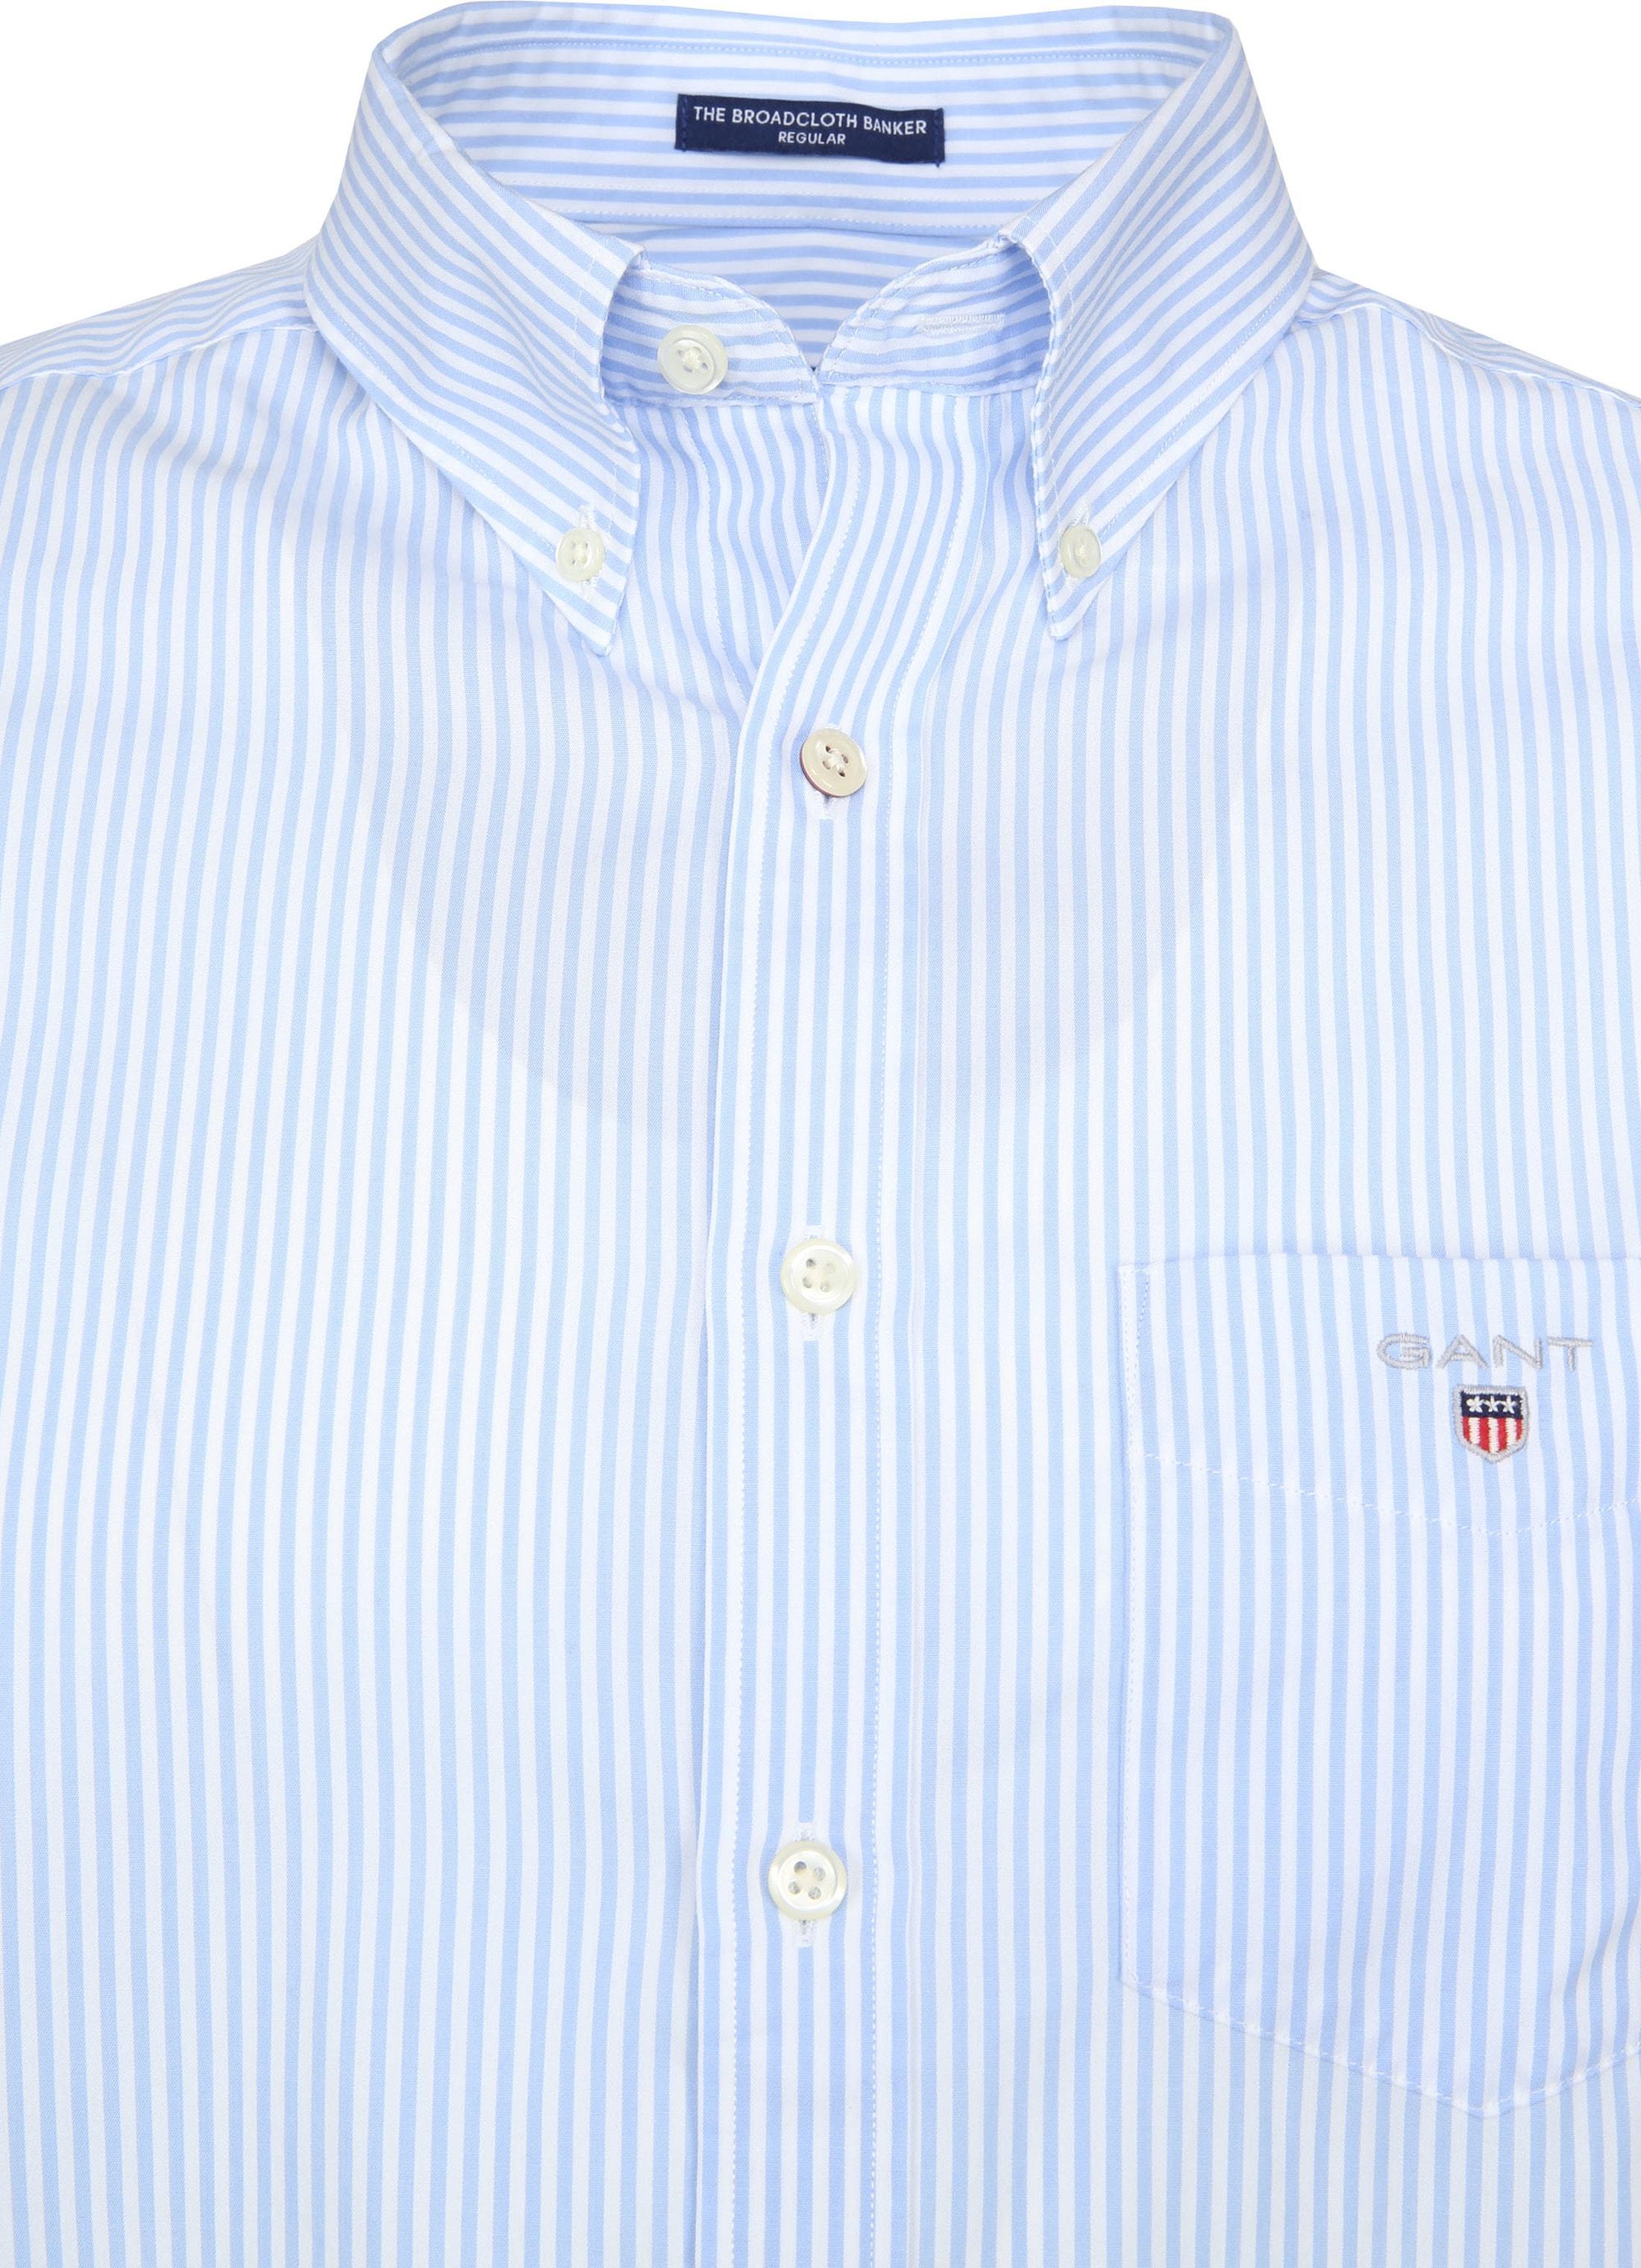 Gant Casual Overhemd Strepen Lichtblauw foto 1